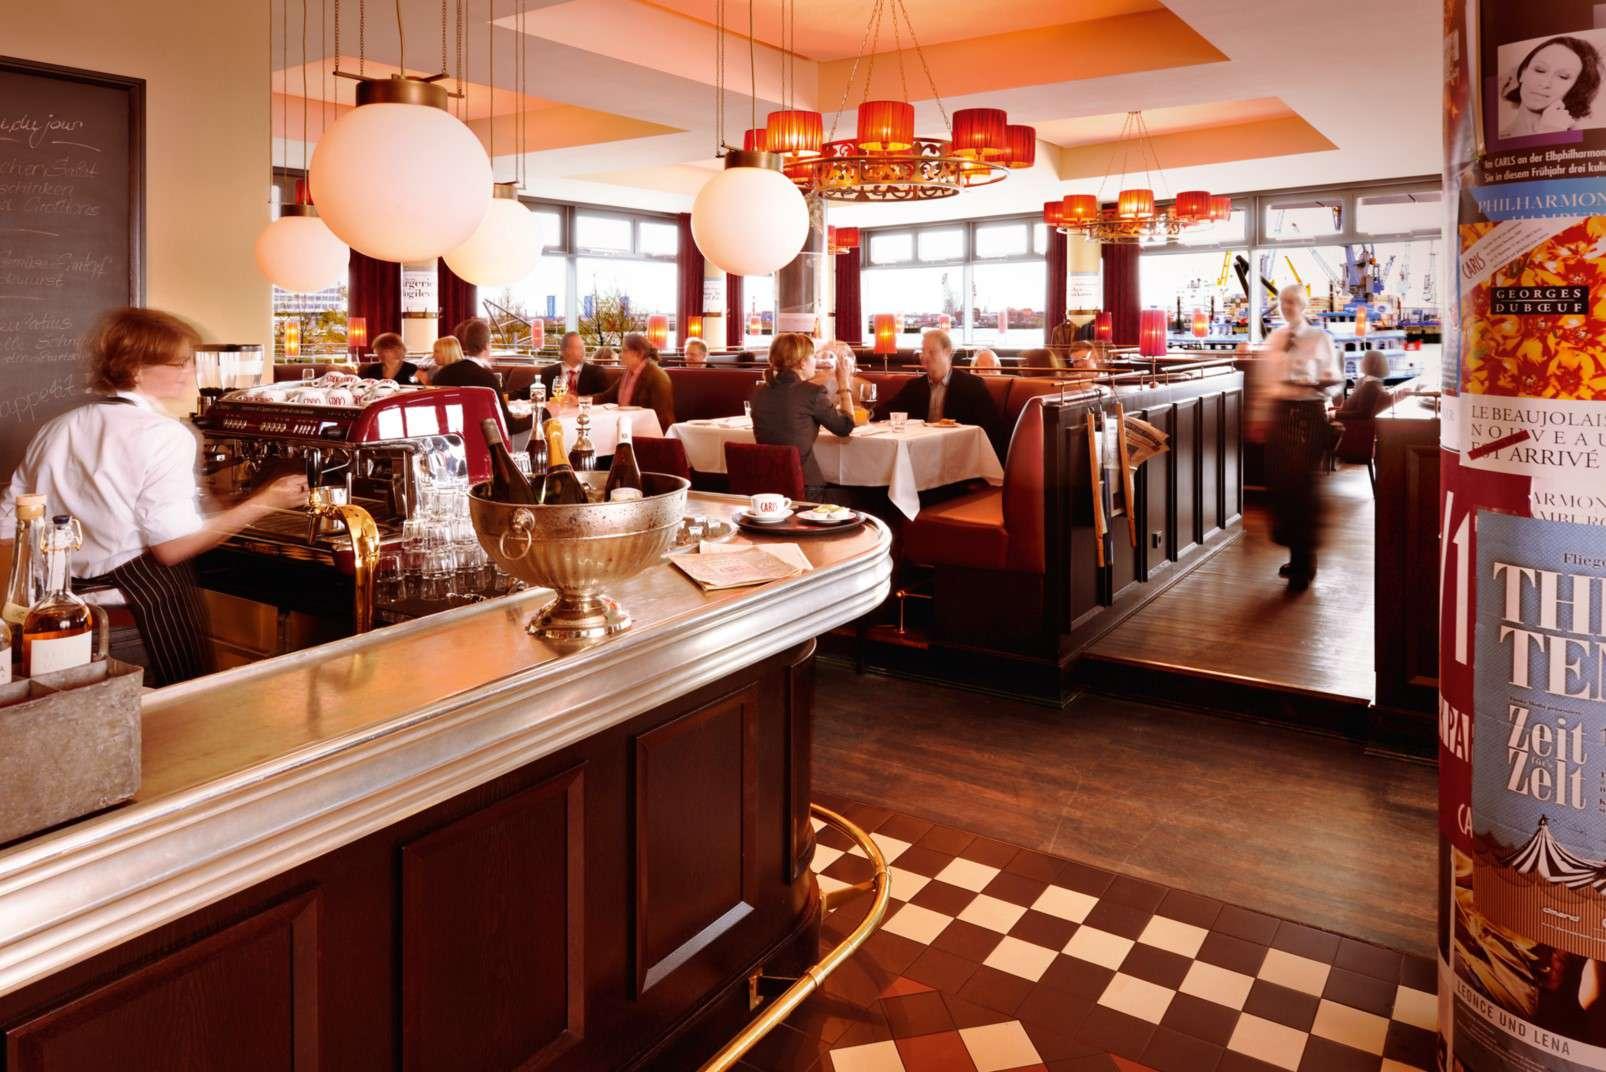 Carls Brasserie & Bistro Brasserie gesamt